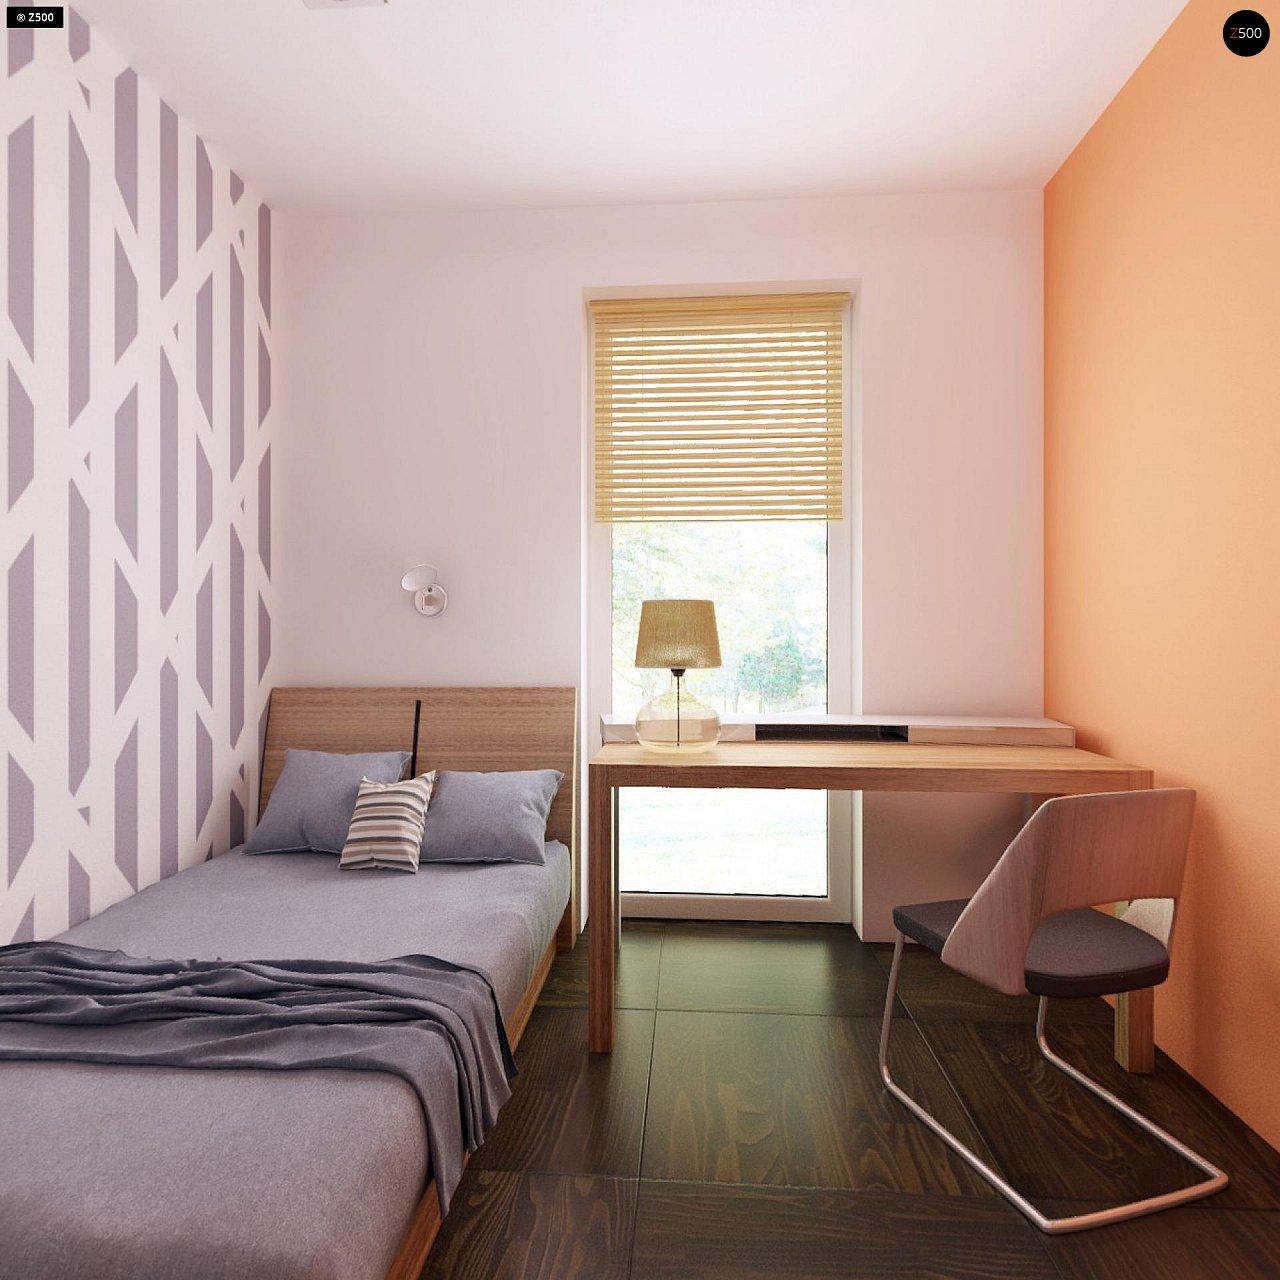 Дом традиционной формы с современными архитектурными дополнениями. Свободная планировка мансарды и антресоль над гостиной. 17